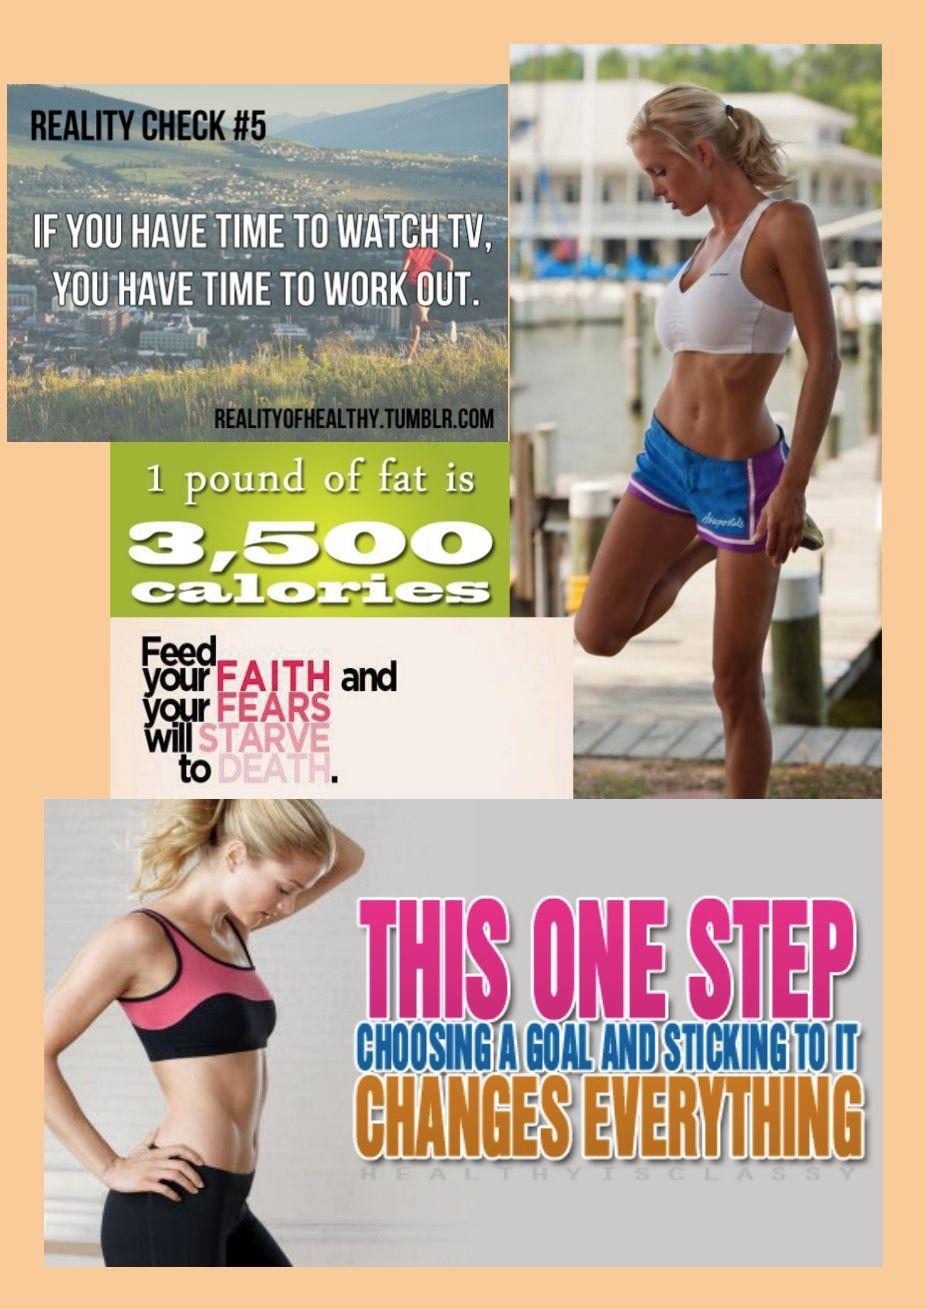 conseils de perte de poids et motivation tumblr